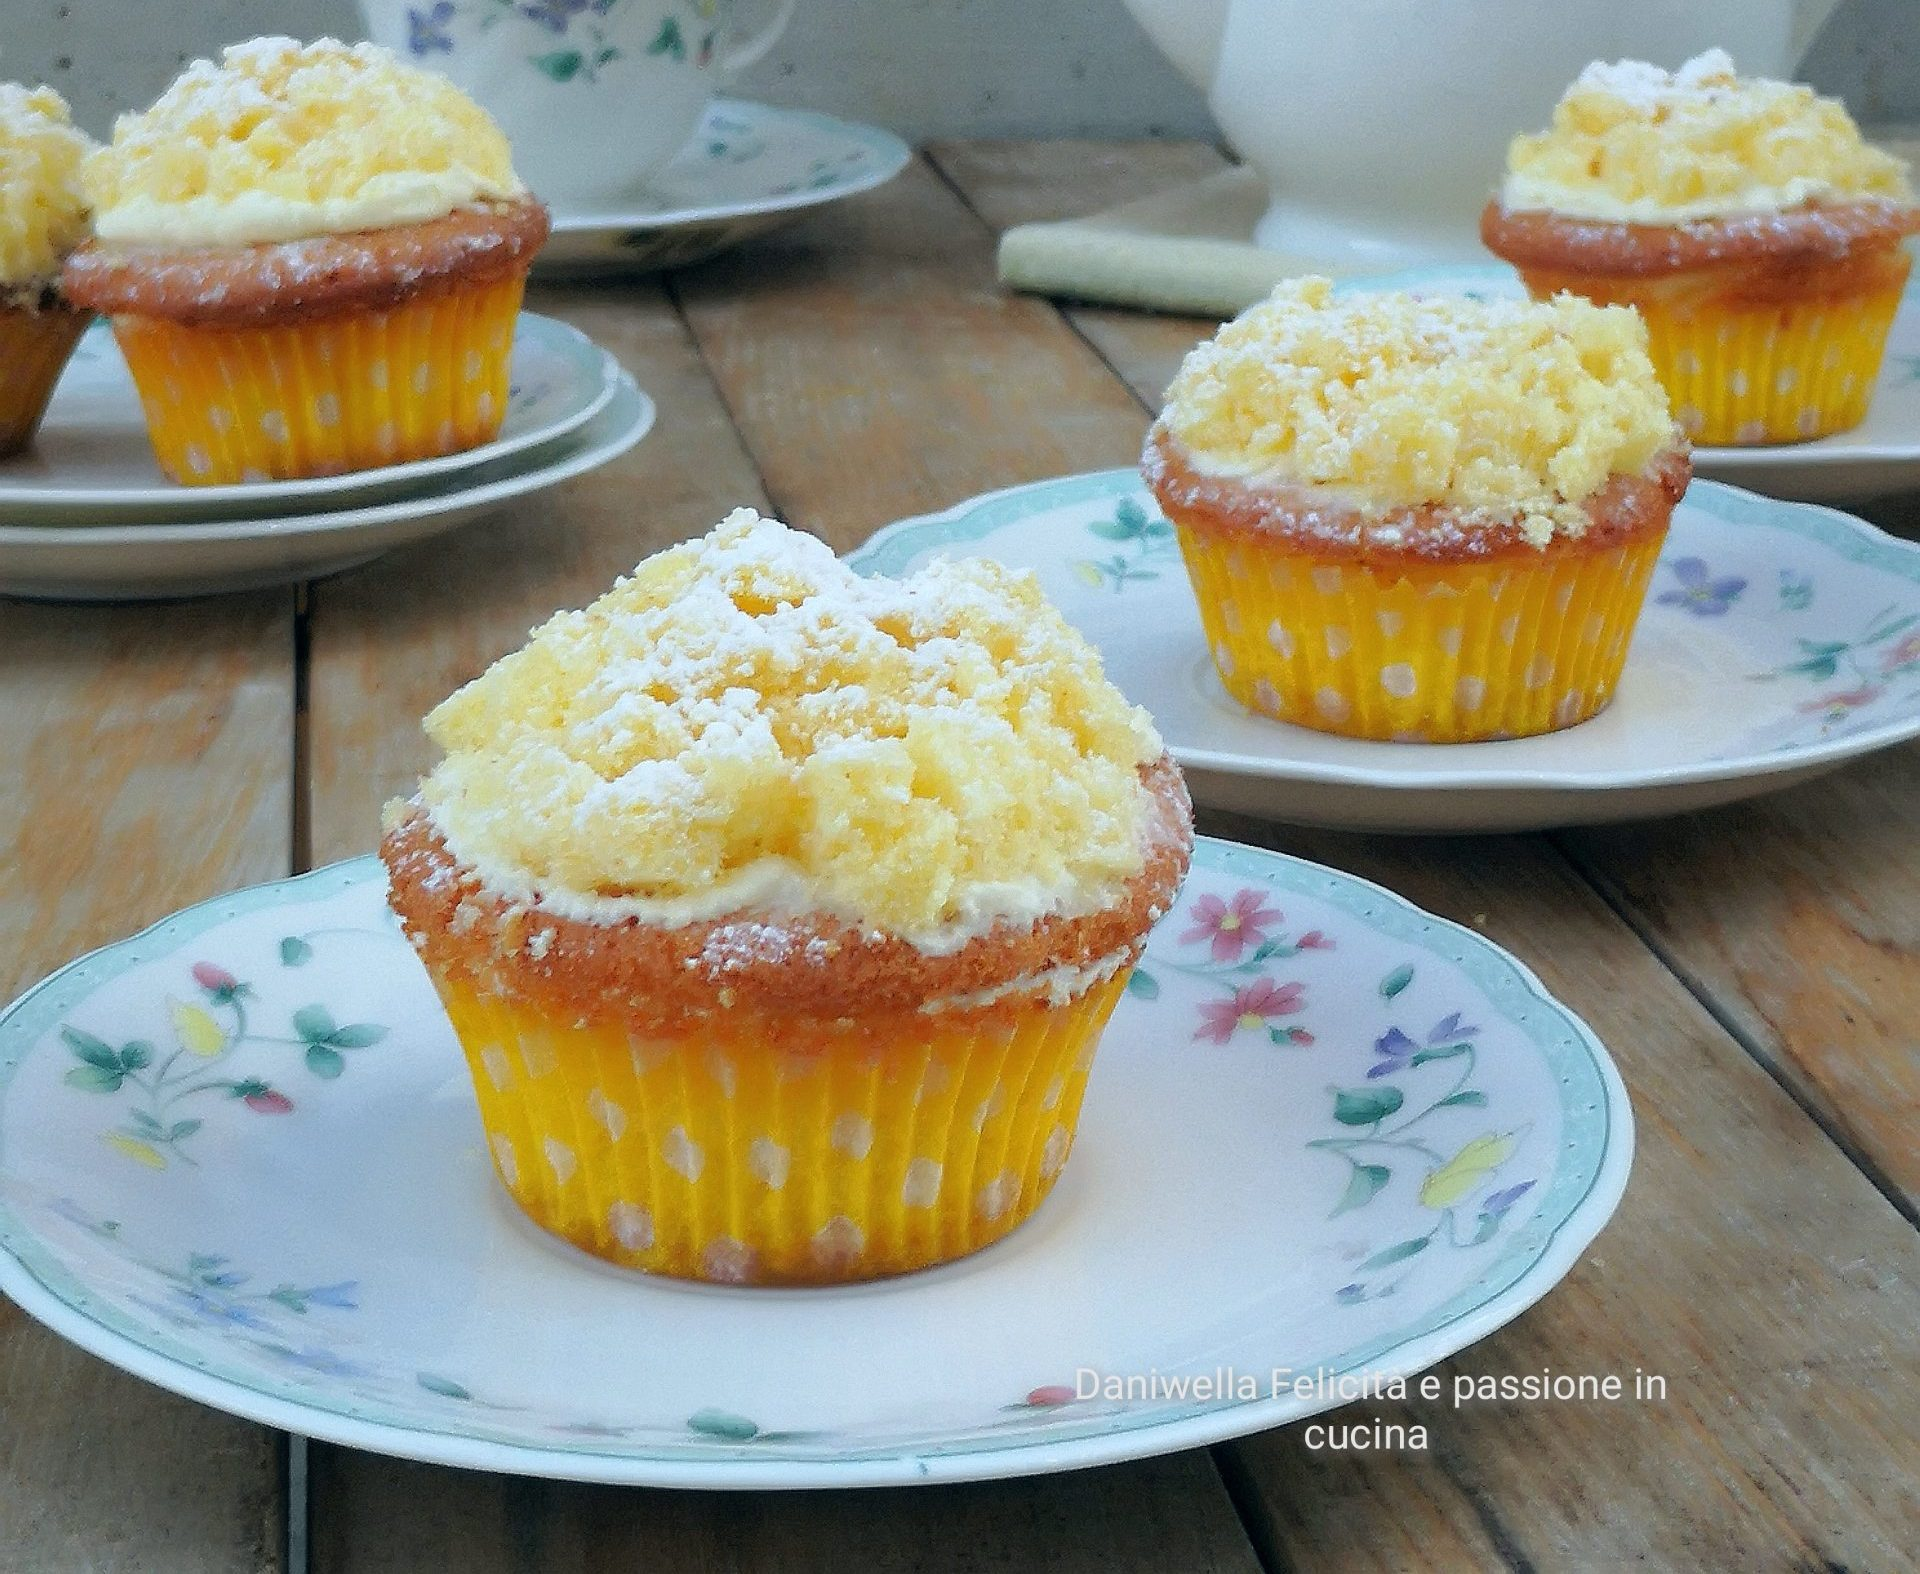 Rimettete sopra la calotta e con un cucchiaio decorate con la panna rimasta. Versate sopra la panna i pezzettini di mollica dei capcake per dargli l'effetto della mimosa. I cupcake sono pronti.